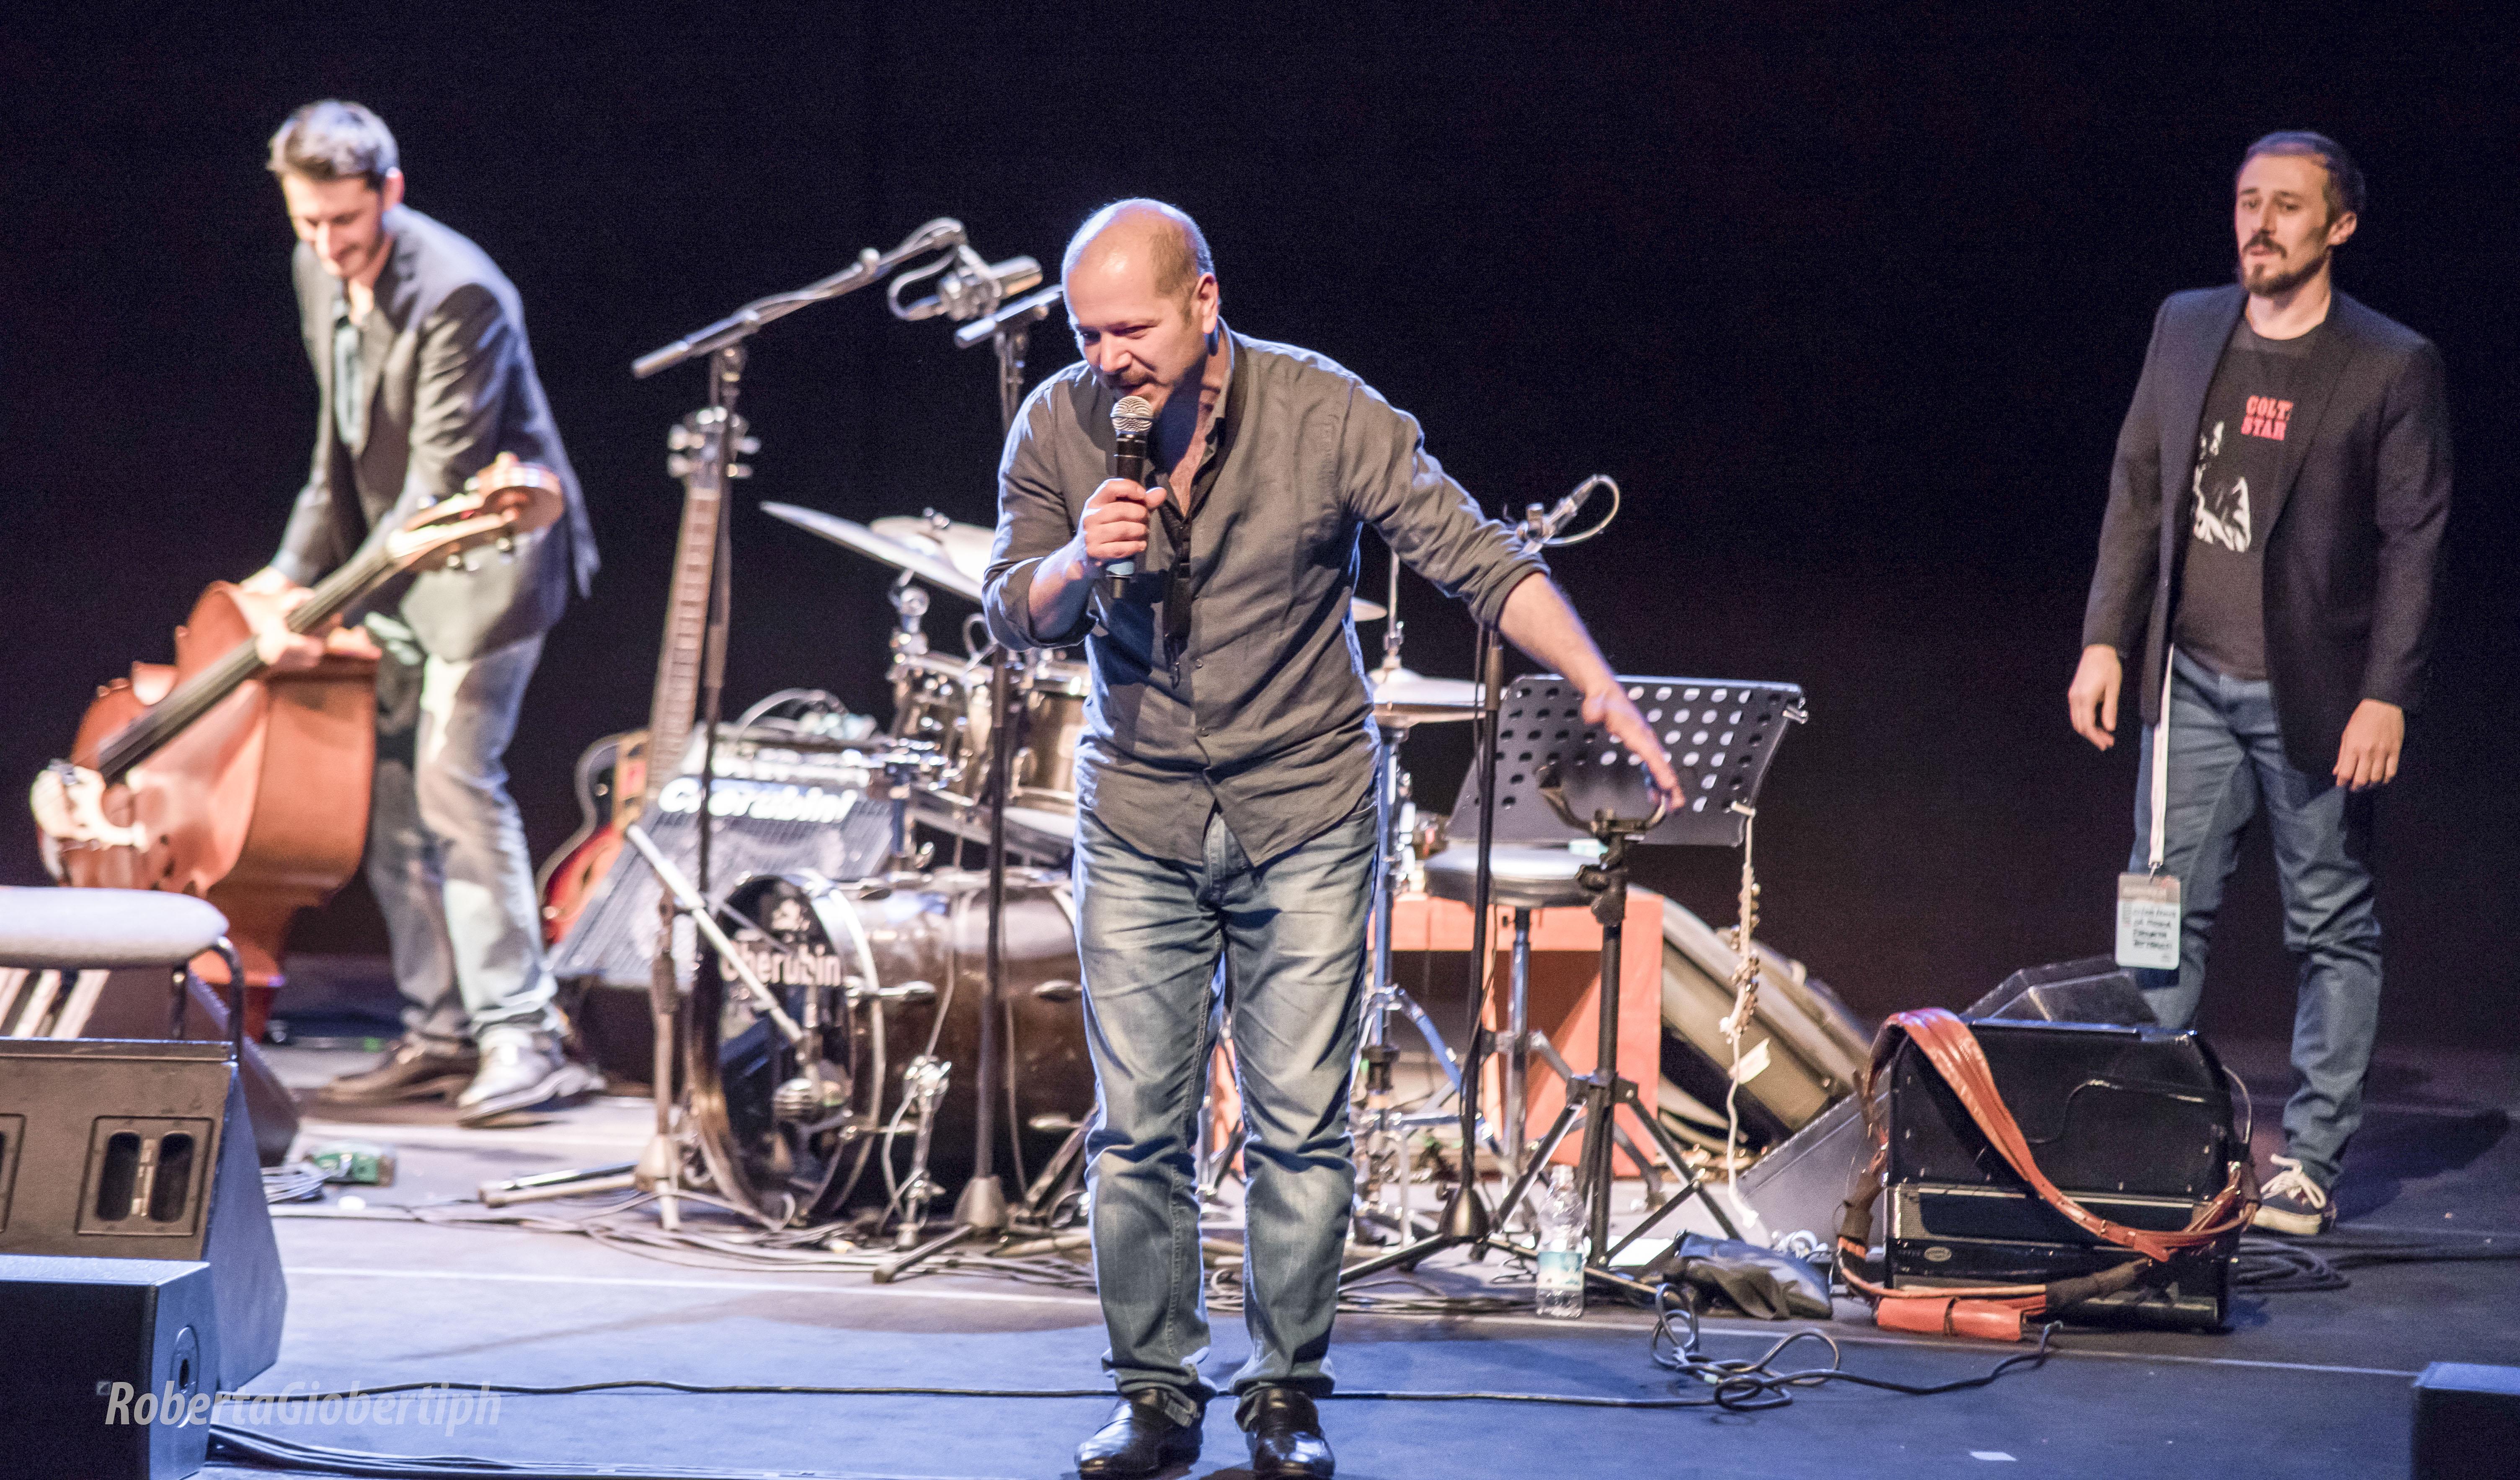 La musica provata @ Auditorium Parco della Musica Ph Roberta Gioberti